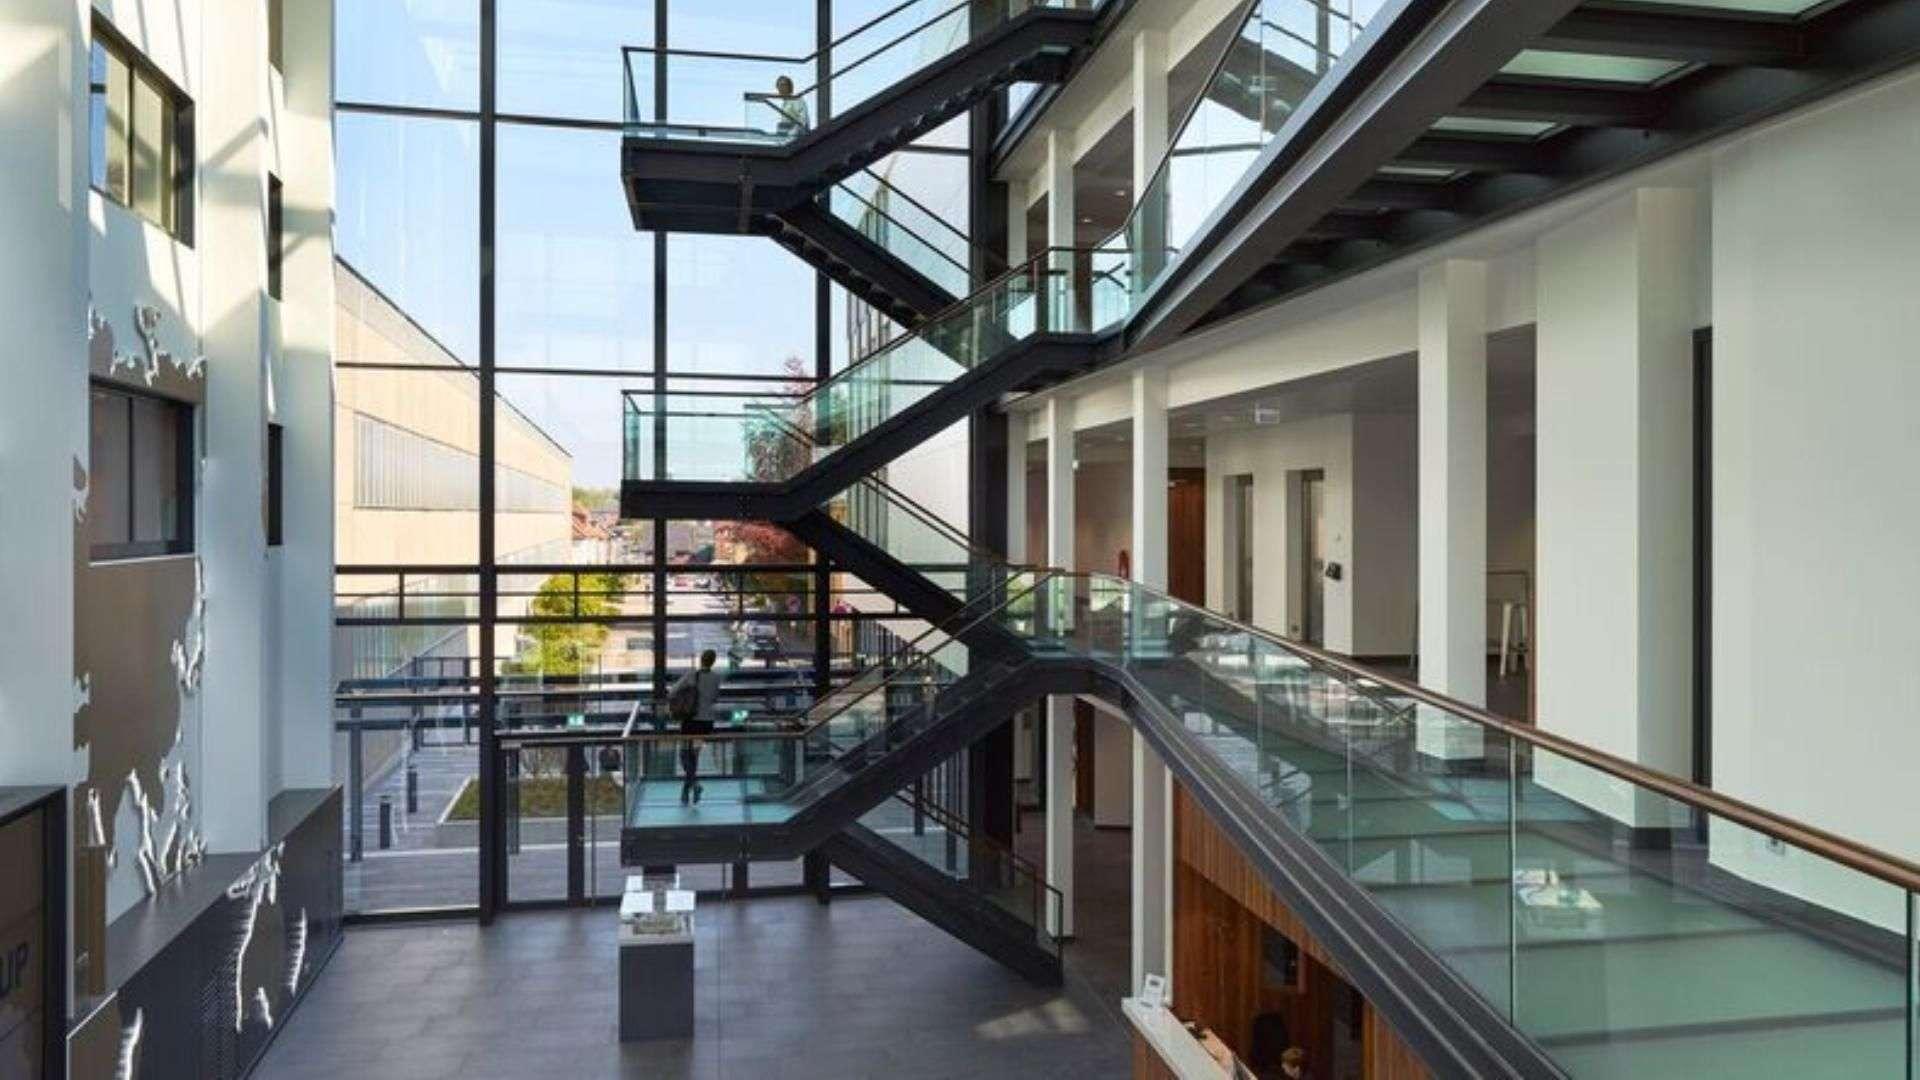 Treppenhaus mit Glasstufen und Geländer aus Glas